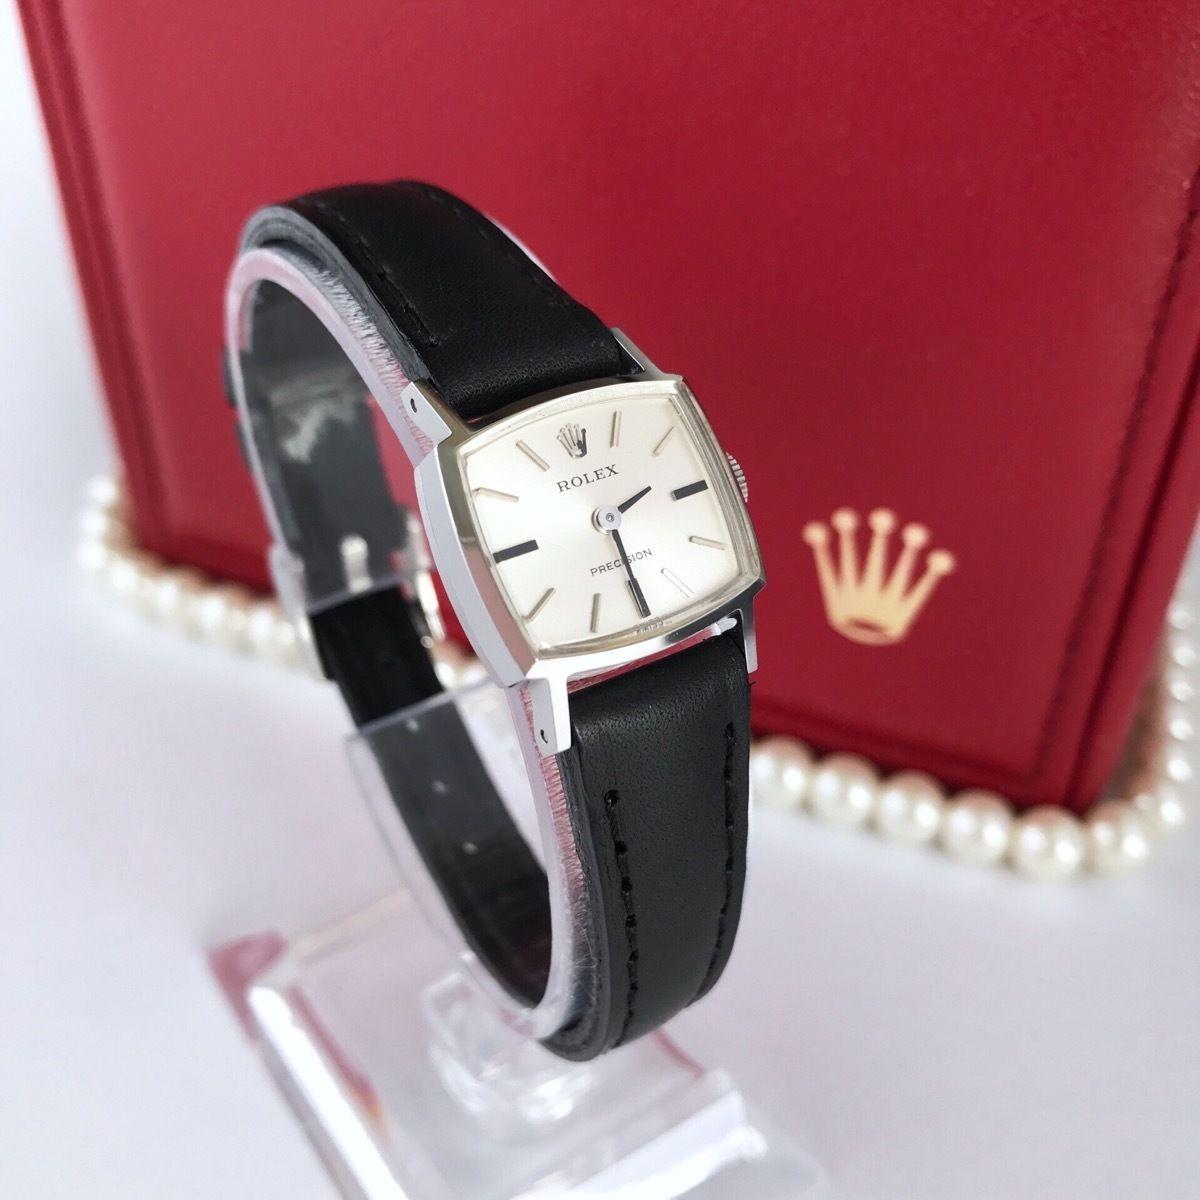 ROLEX ロレックス プレシジョン スモール レザーベルト 腕時計